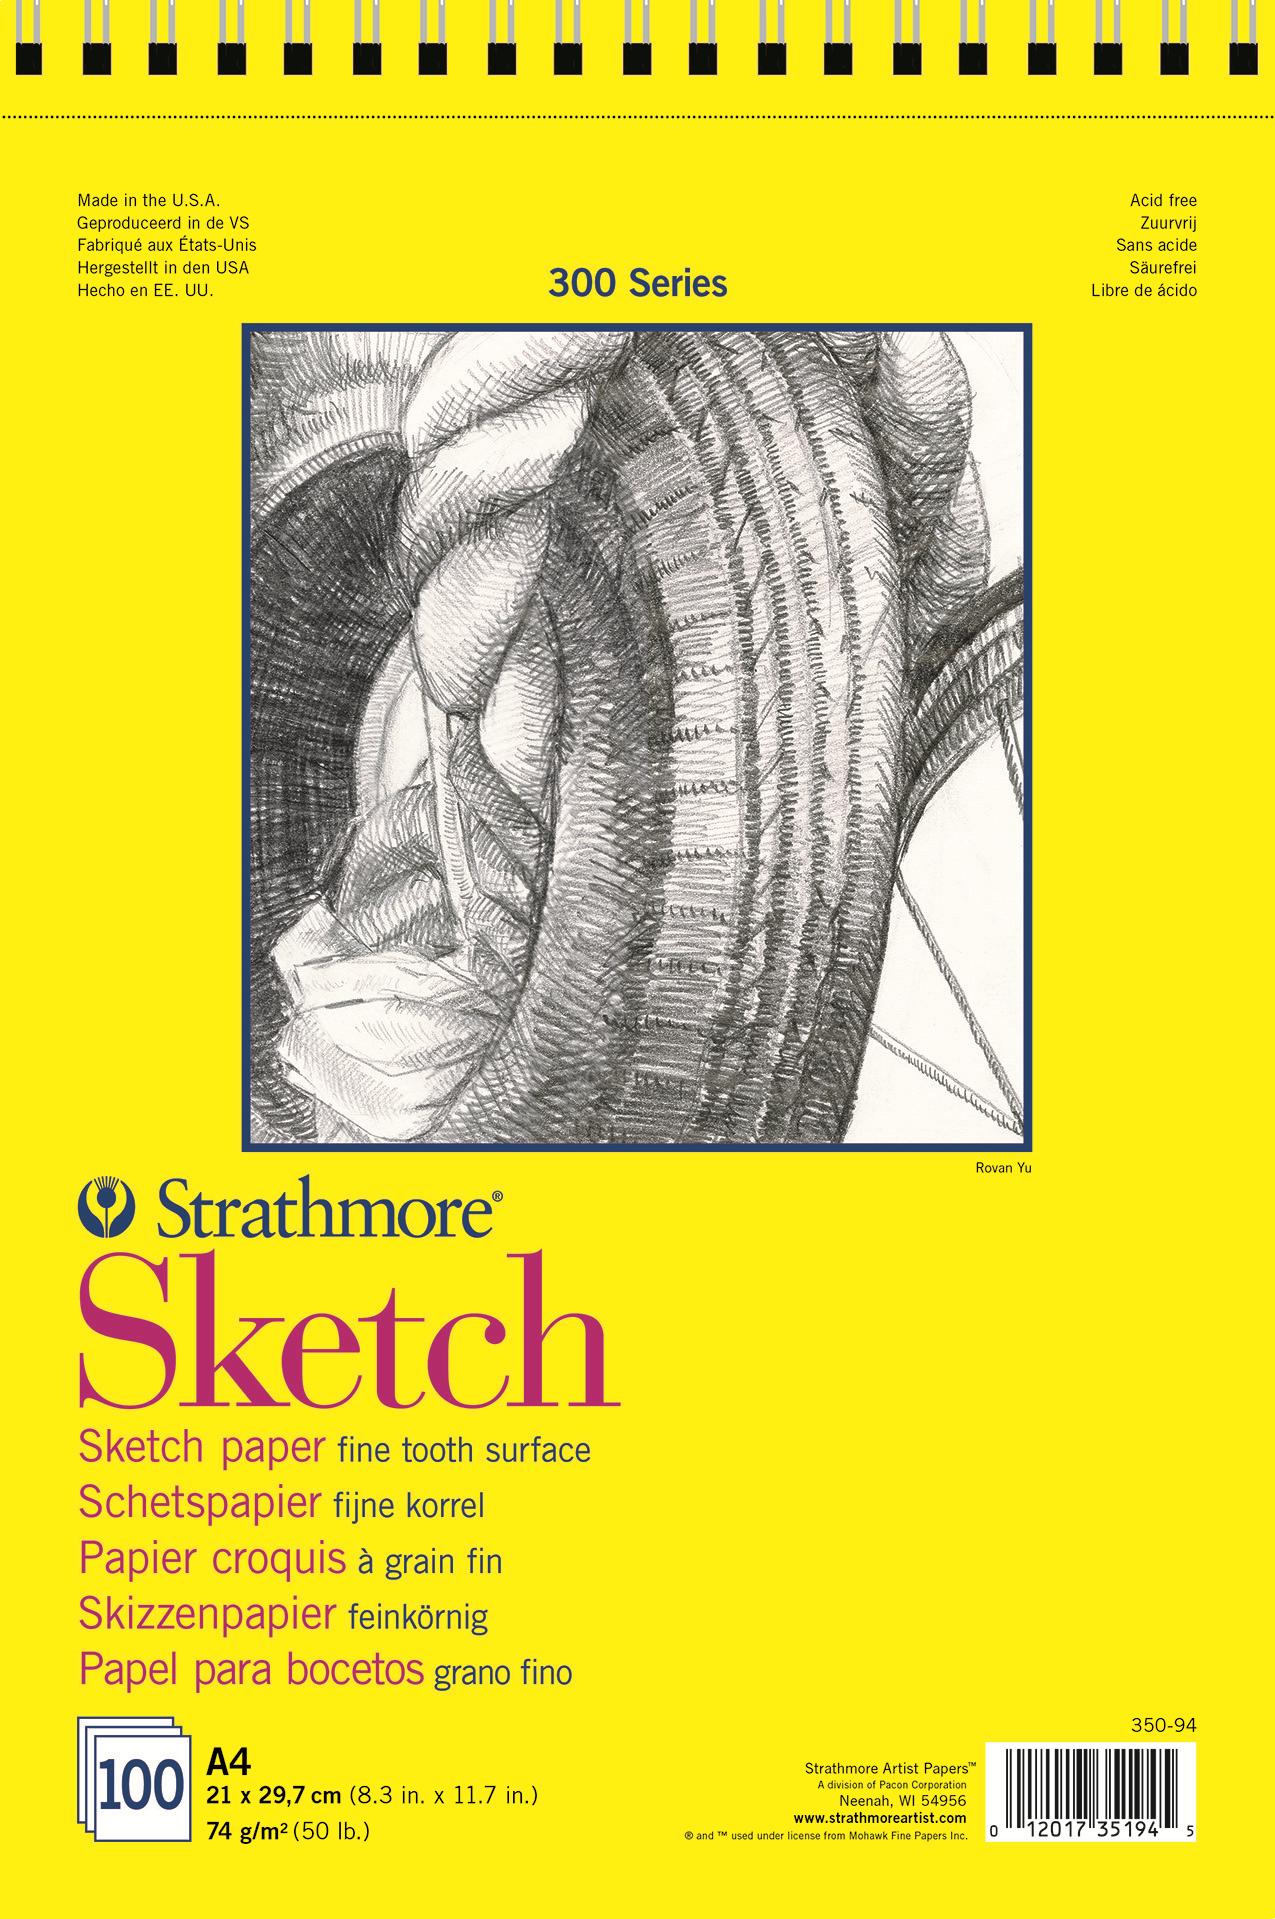 Strathmore Альбом для зарисовок 300 Series 100 листов формат A4